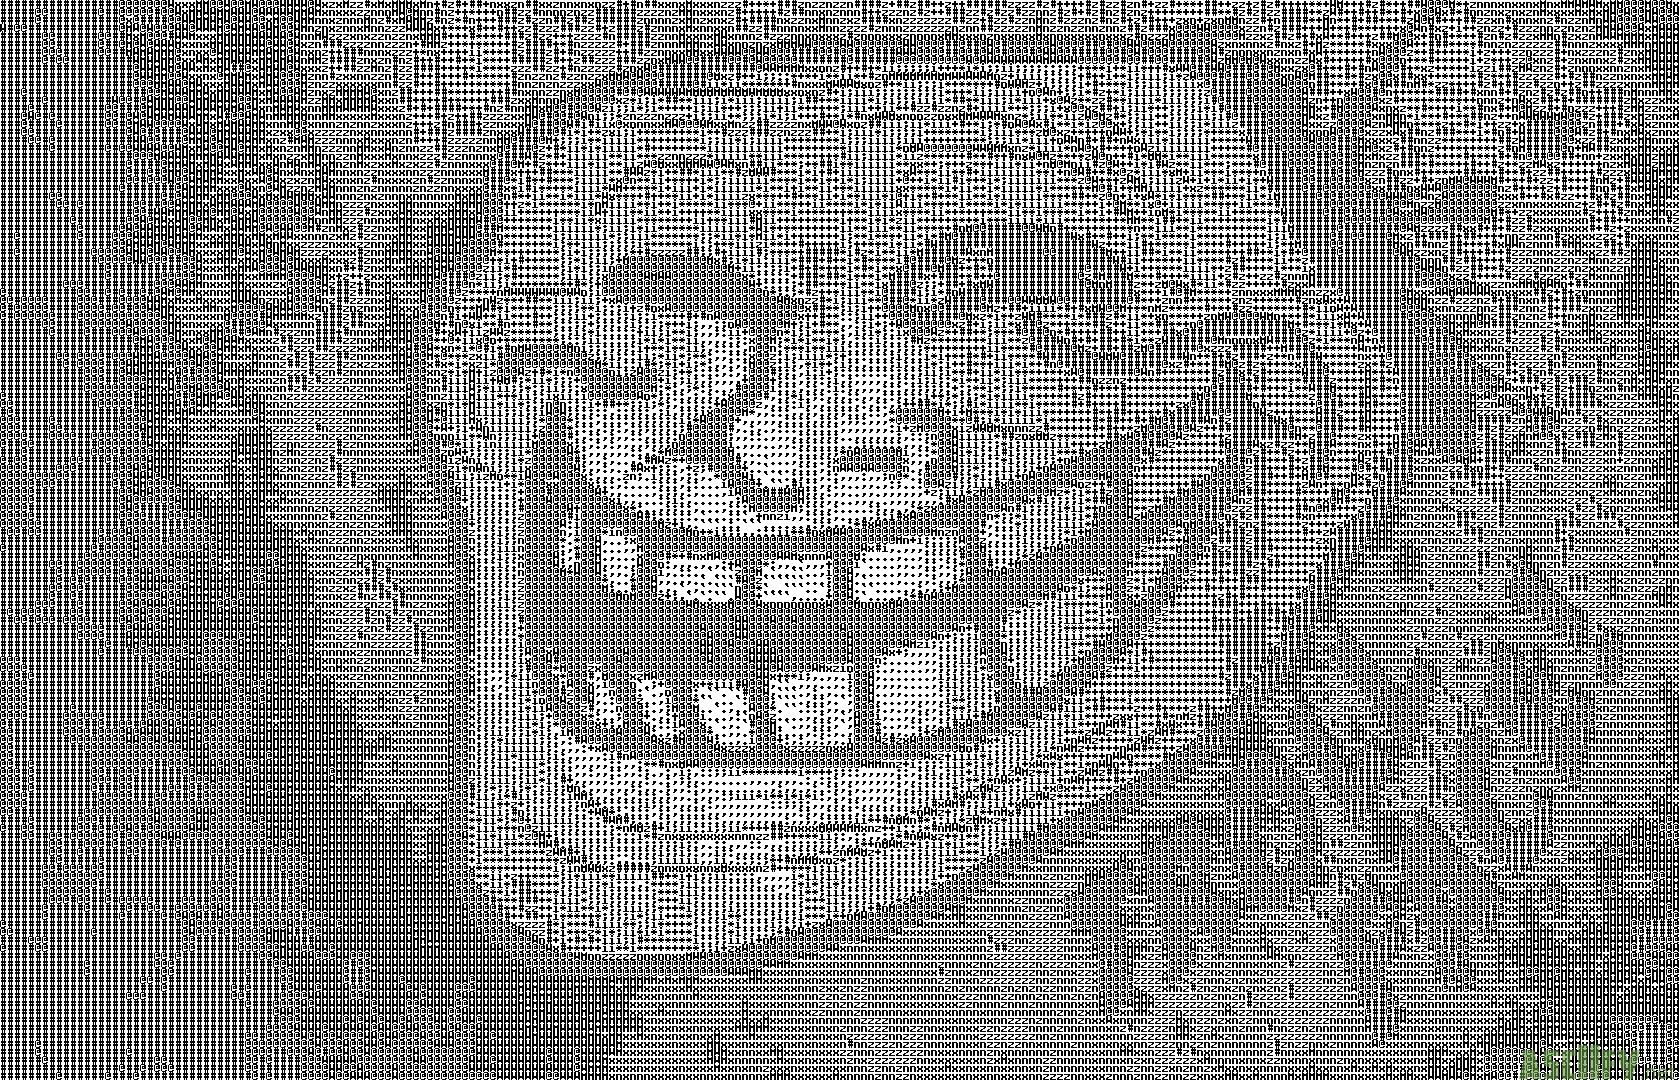 Meme Troll Face